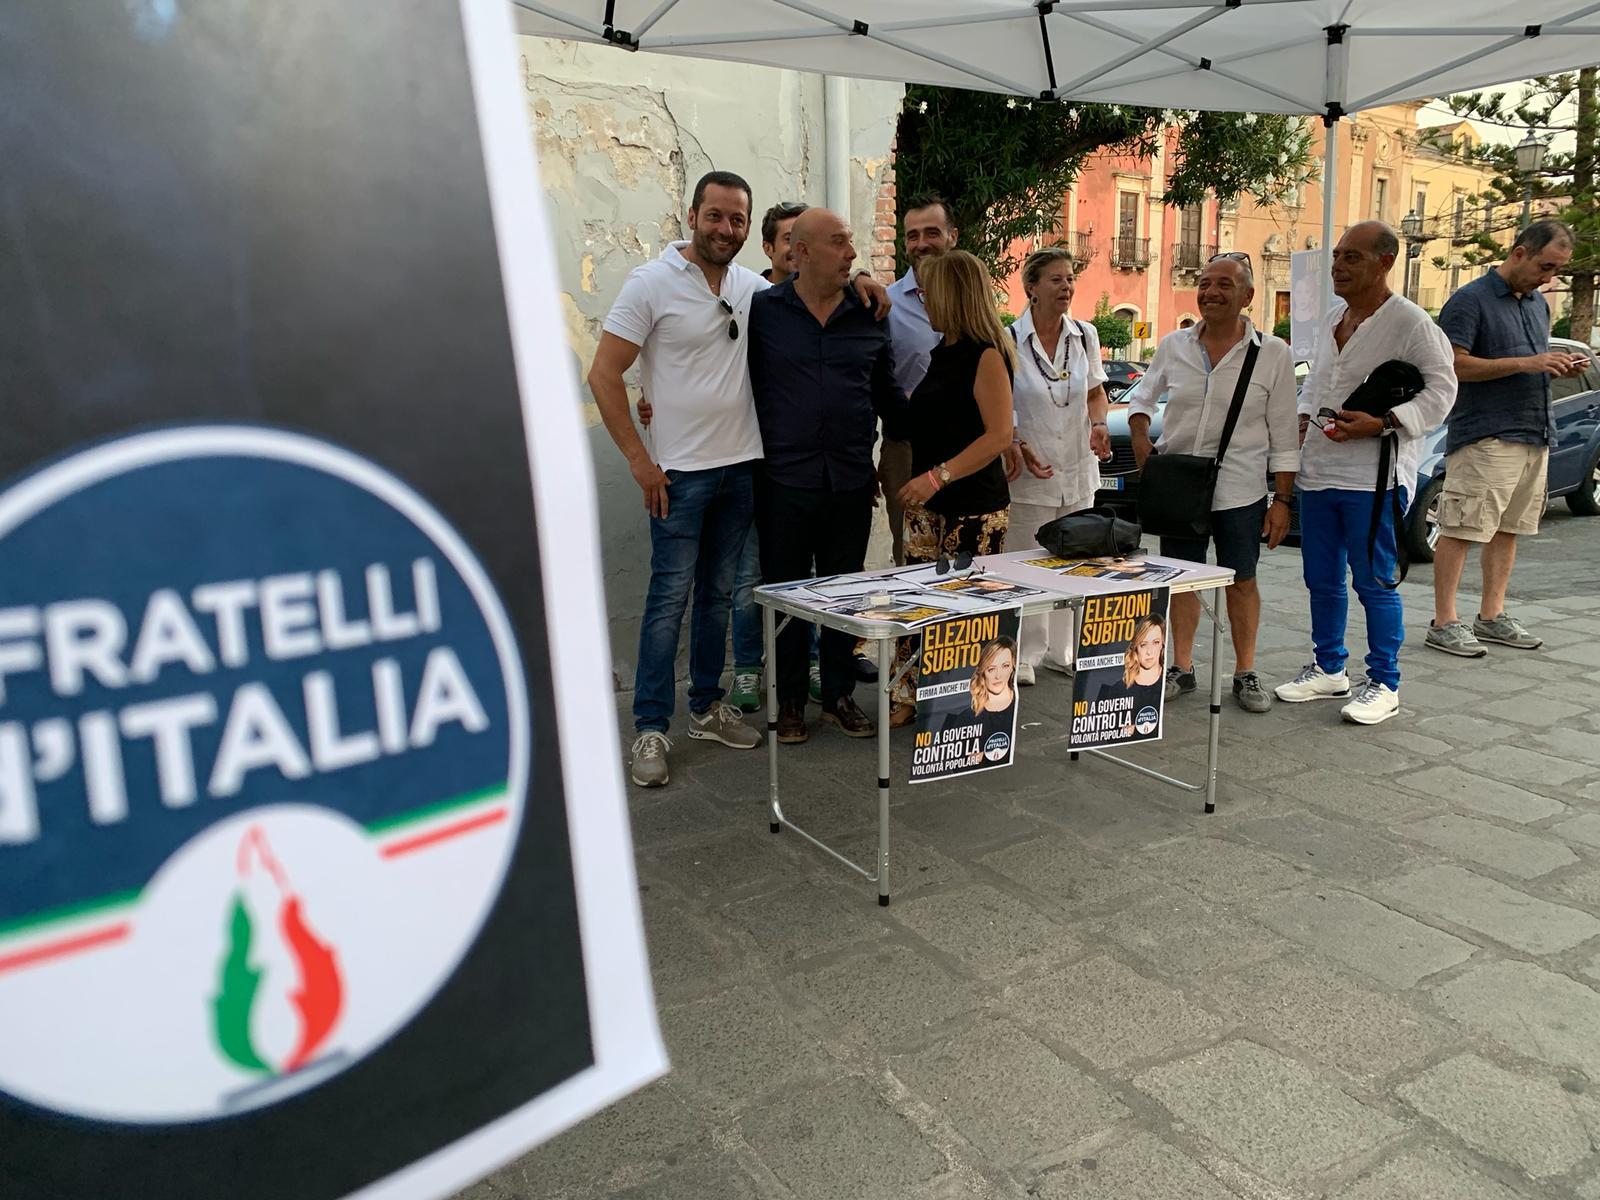 Milazzo. Raccolta firme per chiedere le elezioni subito, partecipazione al gazebo di Fratelli d'Italia